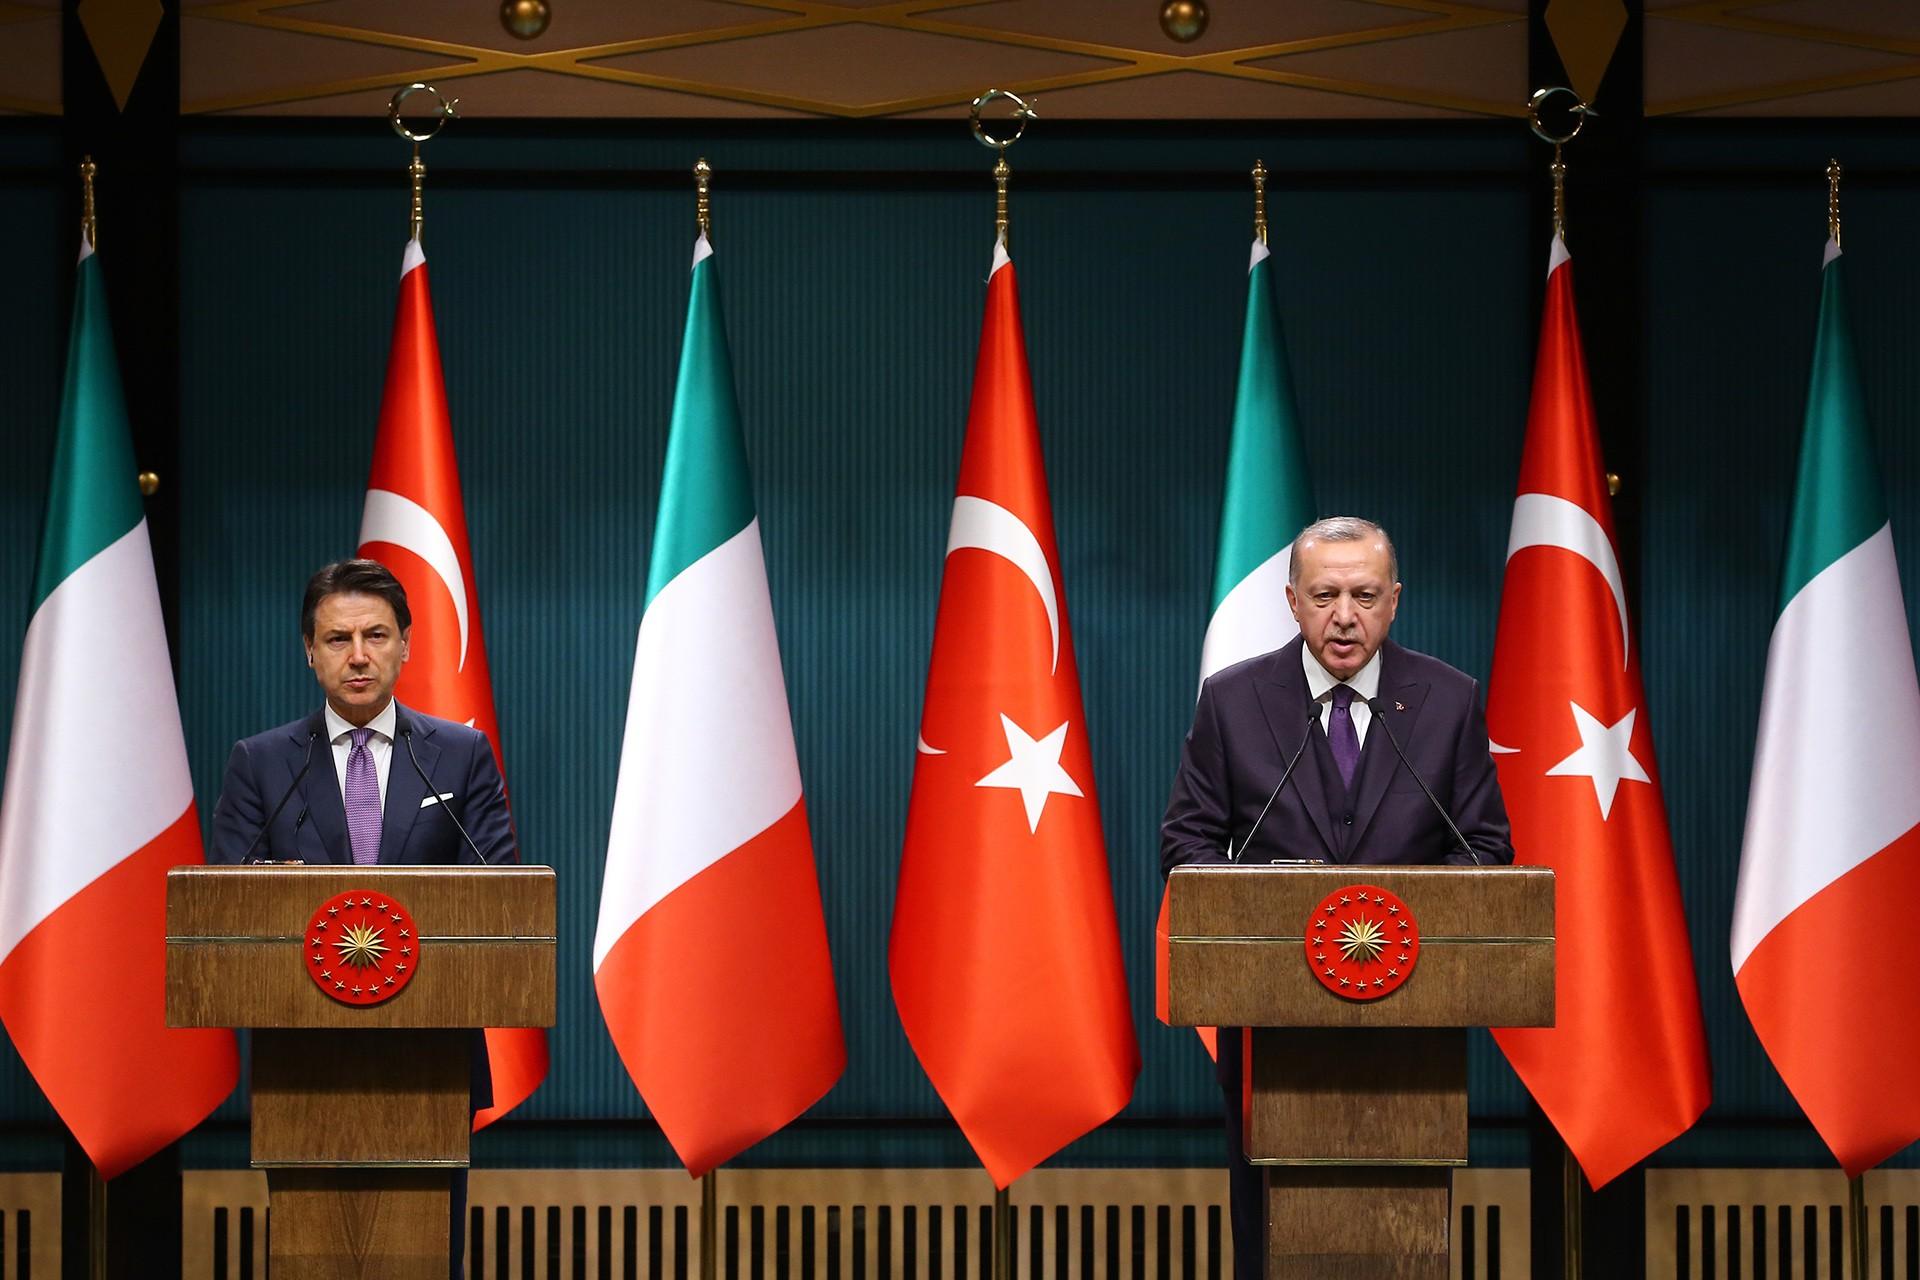 Cumhurbaşkanı Tayyip Erdoğan ve İtalya Başbakanı Giuseppe Conte basın toplantısı düzenliyor.